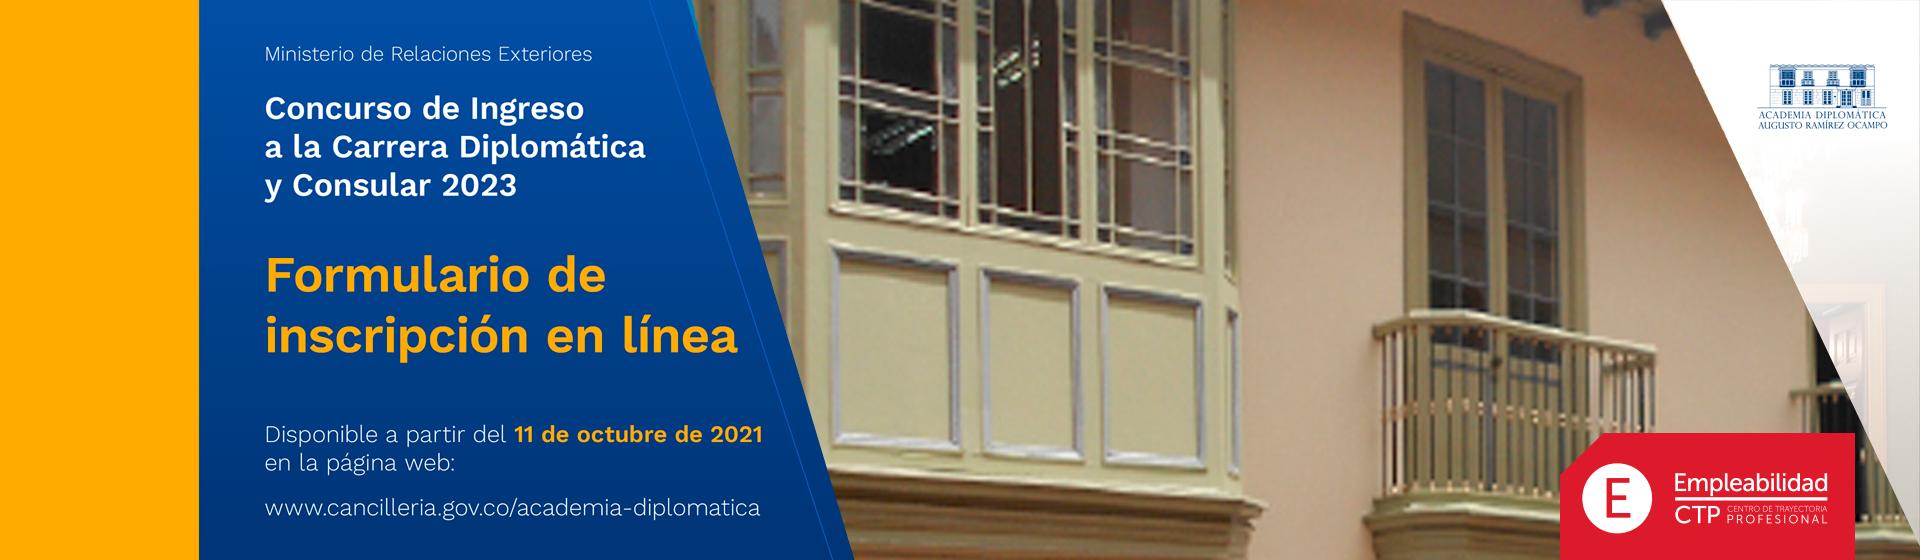 Carrera Diplomática y Consular 2023 | Uniandes